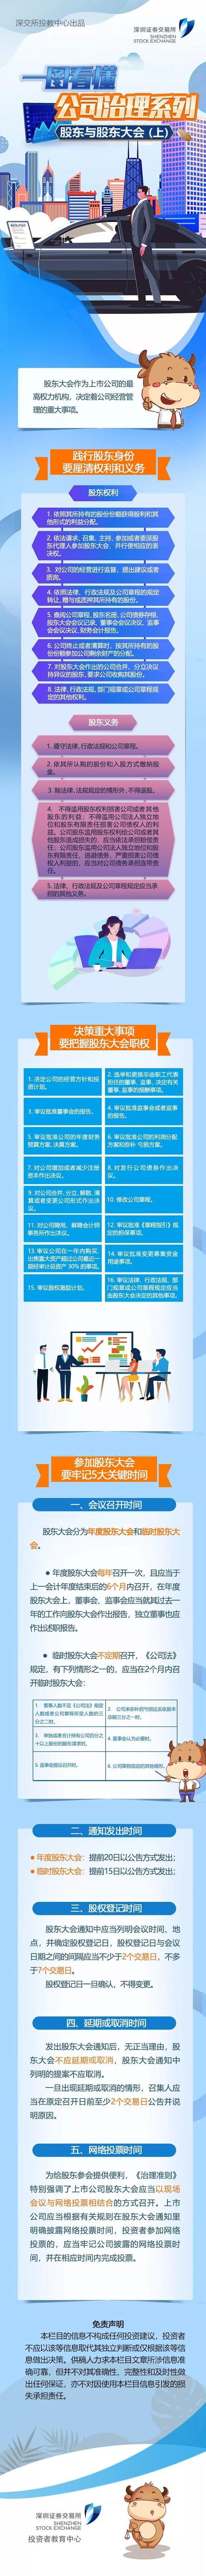 北京将借鉴国际监管沙箱经验 开展金融科技创新测试